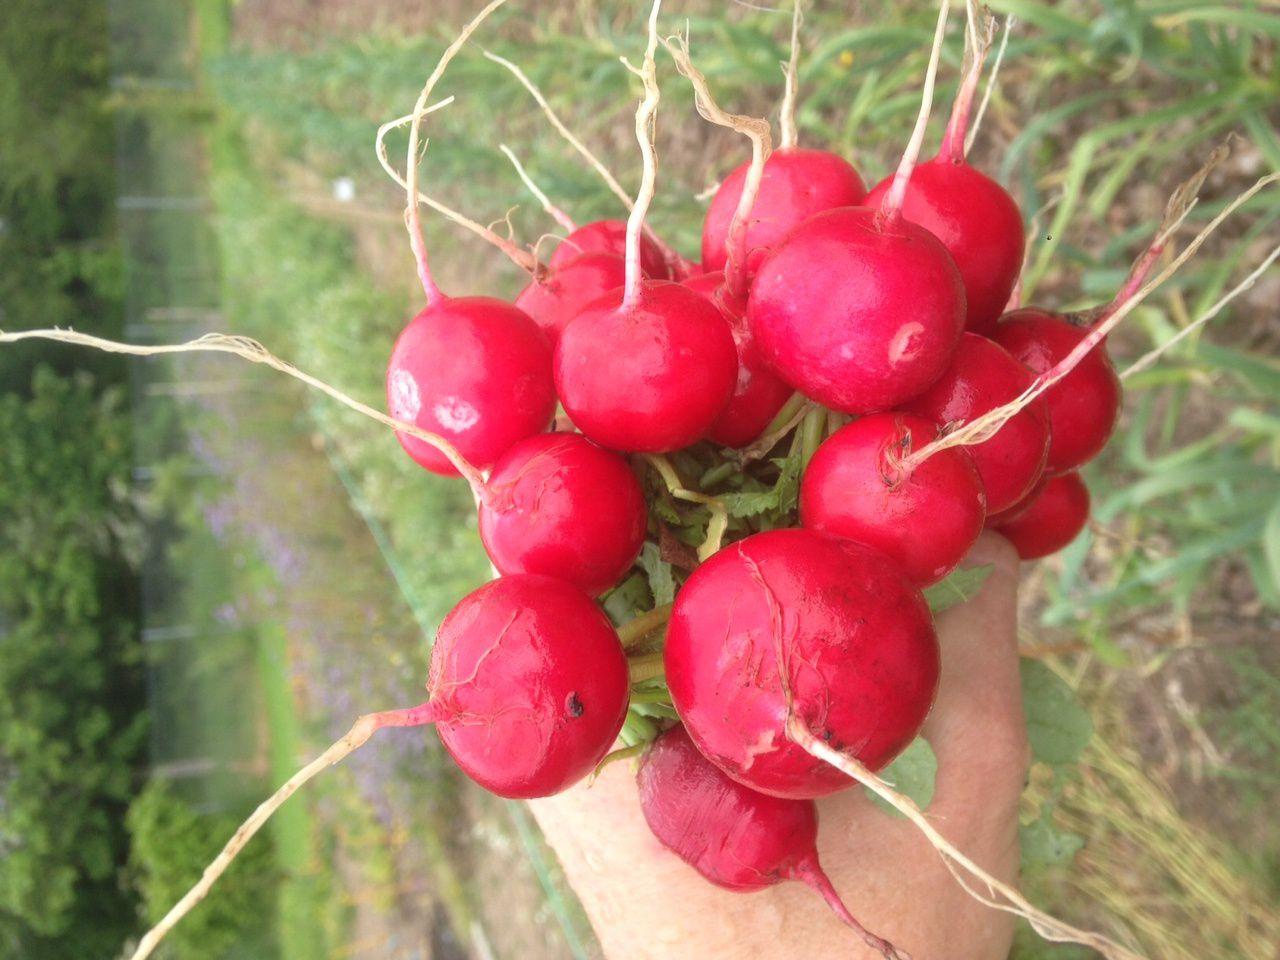 Récolte de radis 'Raxe', une variété excellente au niveau du goût, qui ne pique pas et qui peut grossir.